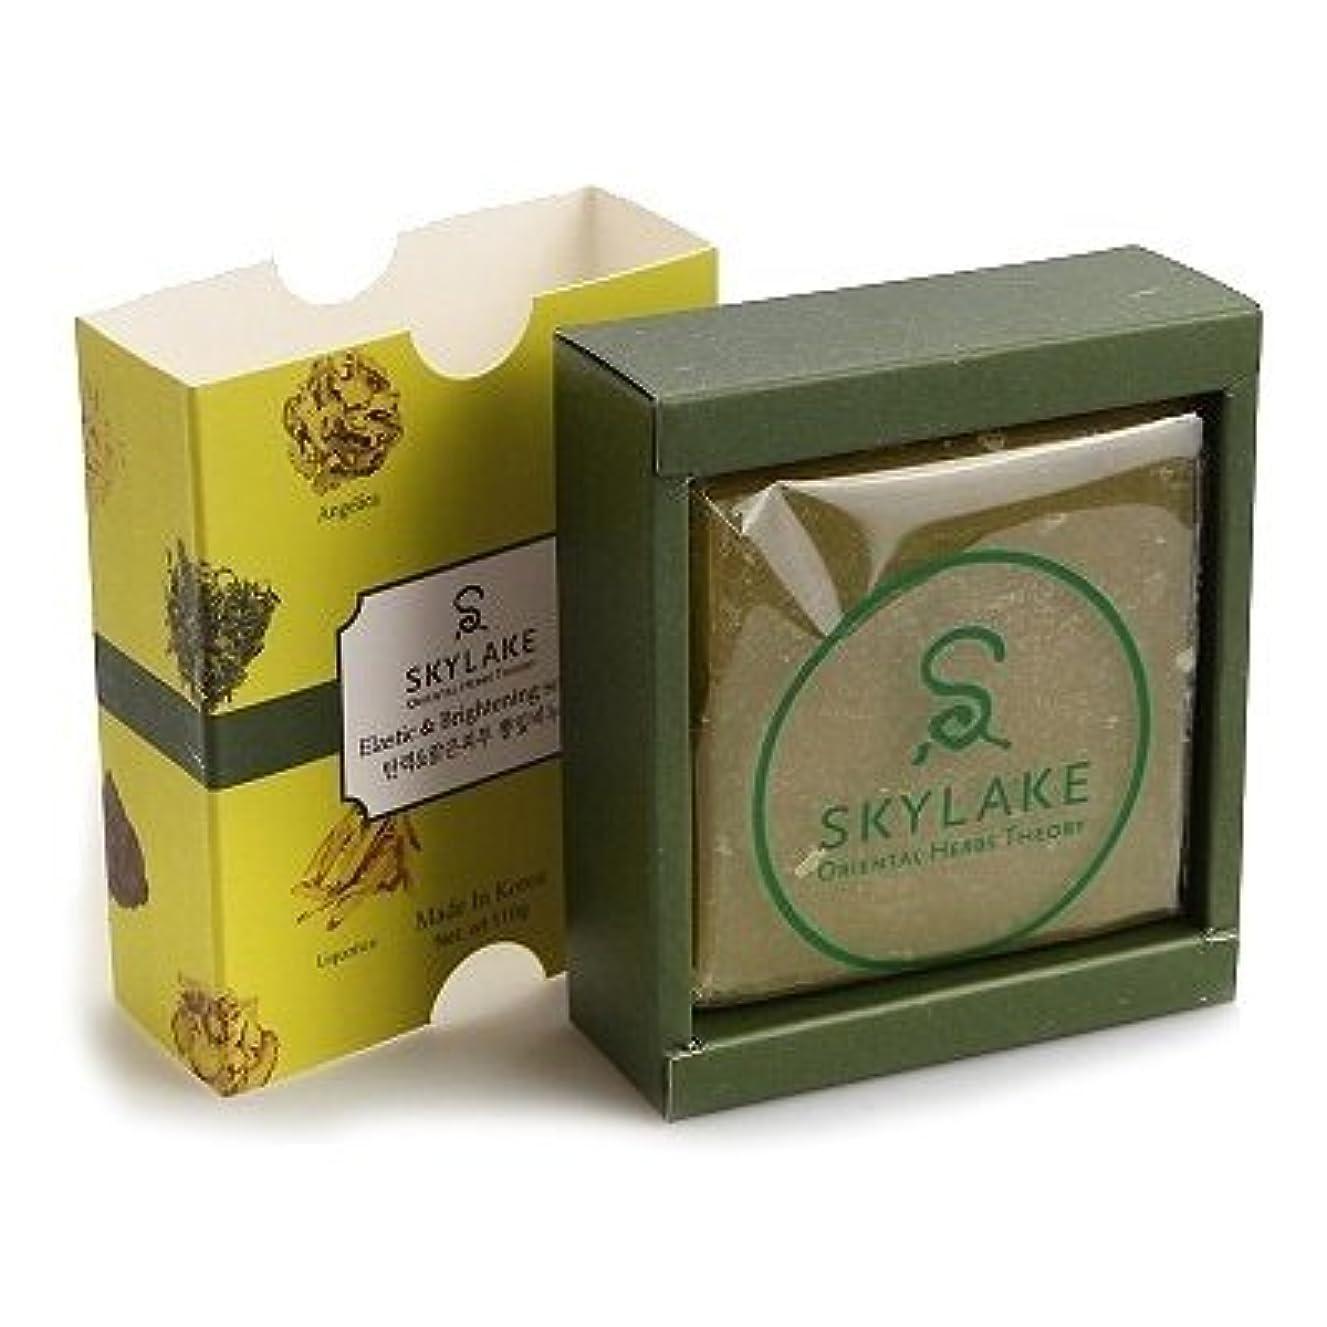 ロープ侵入はねかける[1+1]ハヌルホス[Skylake] 漢方アロマ石鹸Oriental Herbs Theory Soap (ハリ改善&ブライトニング用)